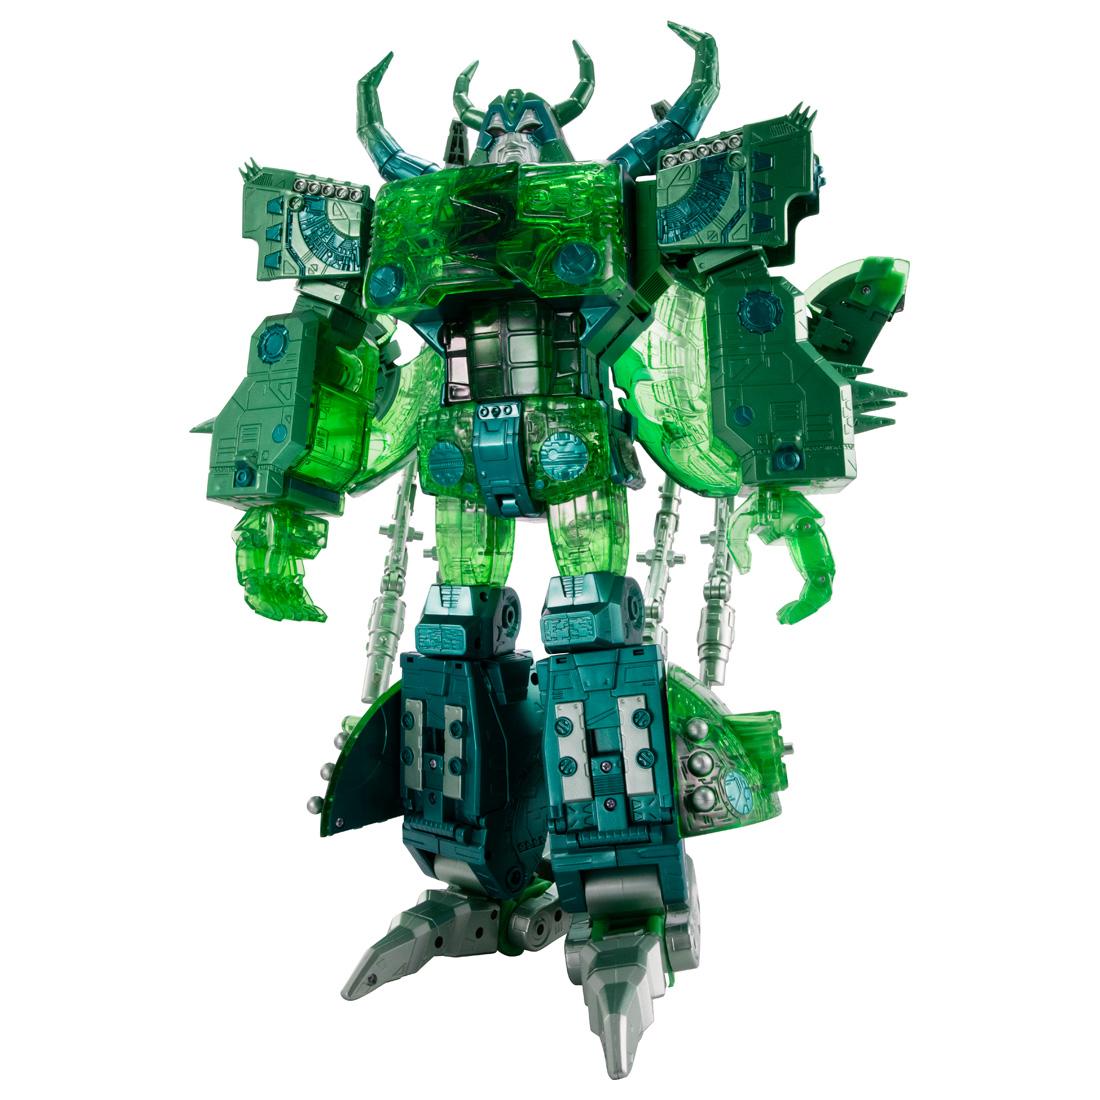 トランスフォーマー アンコール『ユニクロン(マイクロン集合体カラー)』可変可動フィギュア-001